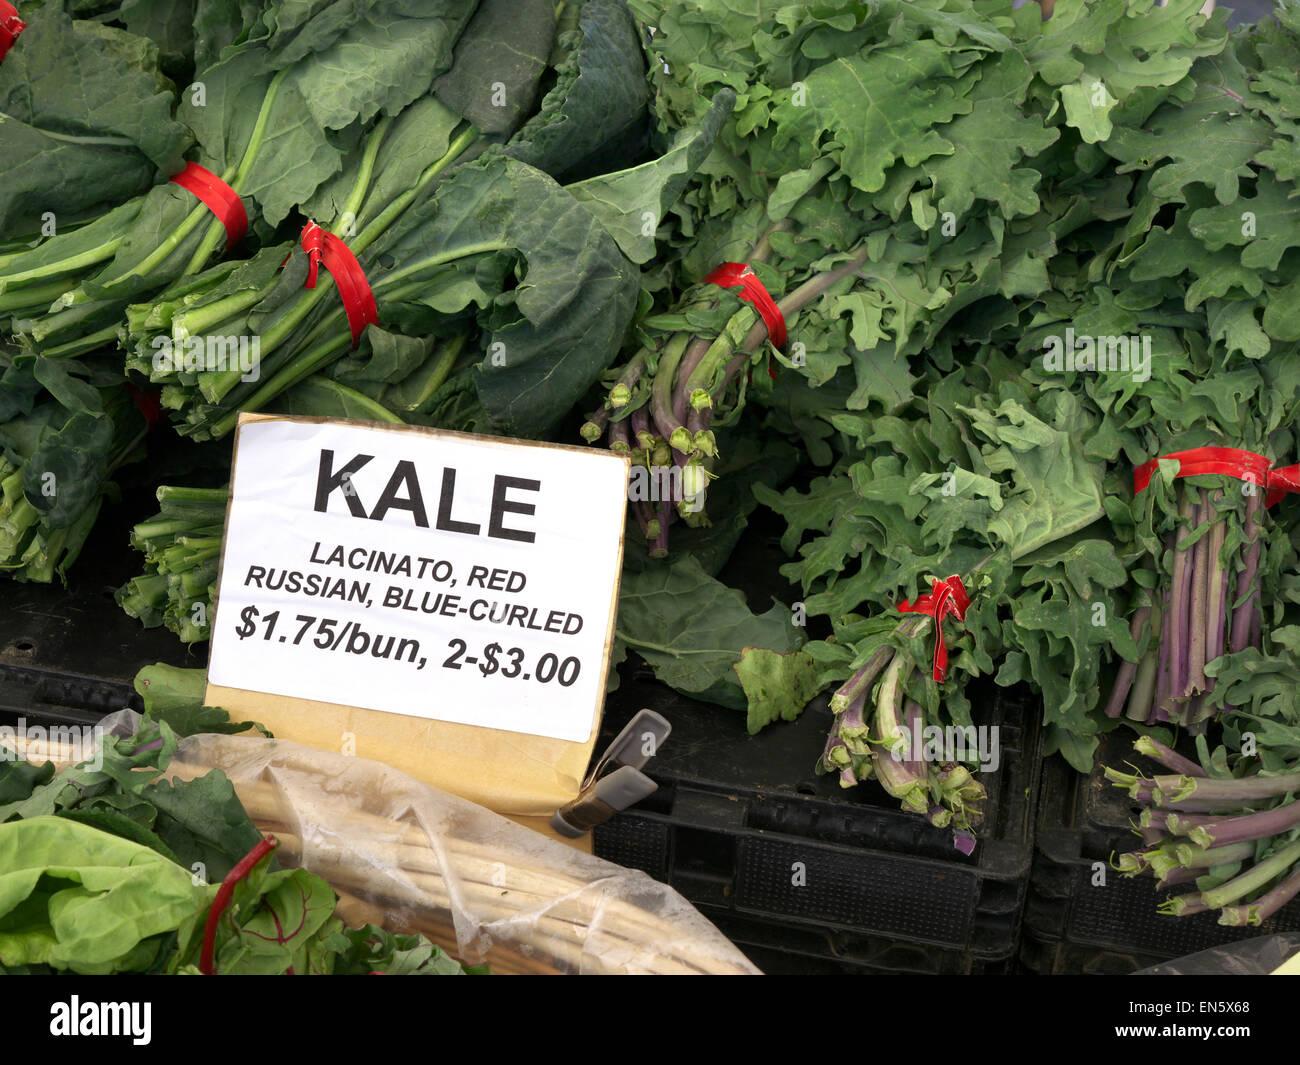 """Loose fasci di Kale 'lacinato, rosso blu russo-arricciato"""" sul display per la vendita in $ dollari al bundle al Mercato degli Agricoltori Embarcadero San Francisco Stati Uniti d'America Foto Stock"""